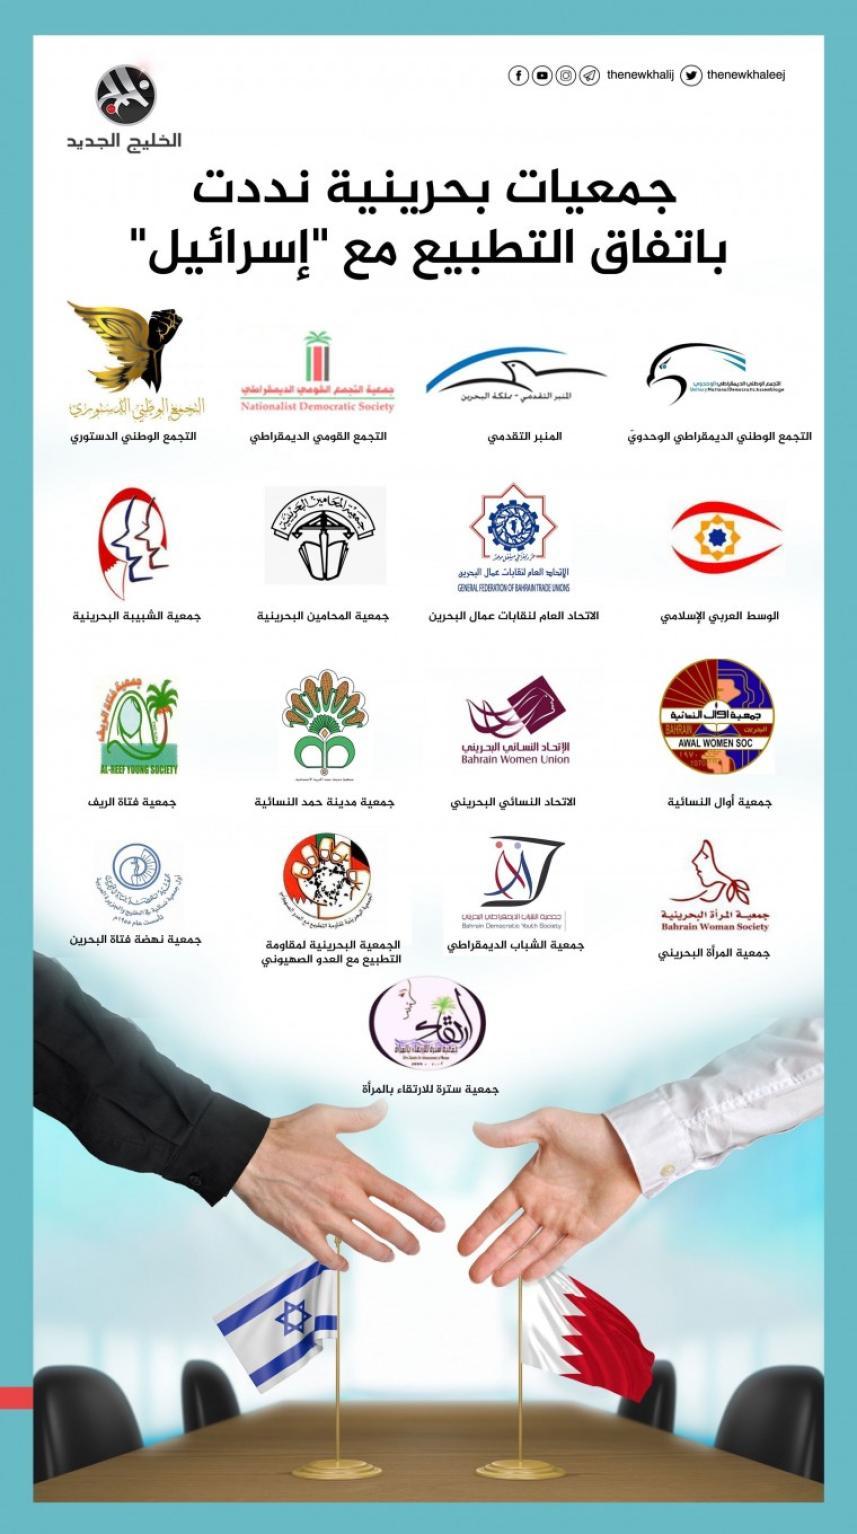 لائحة بالجمعيات البحرينية المنددة باتفاق العار